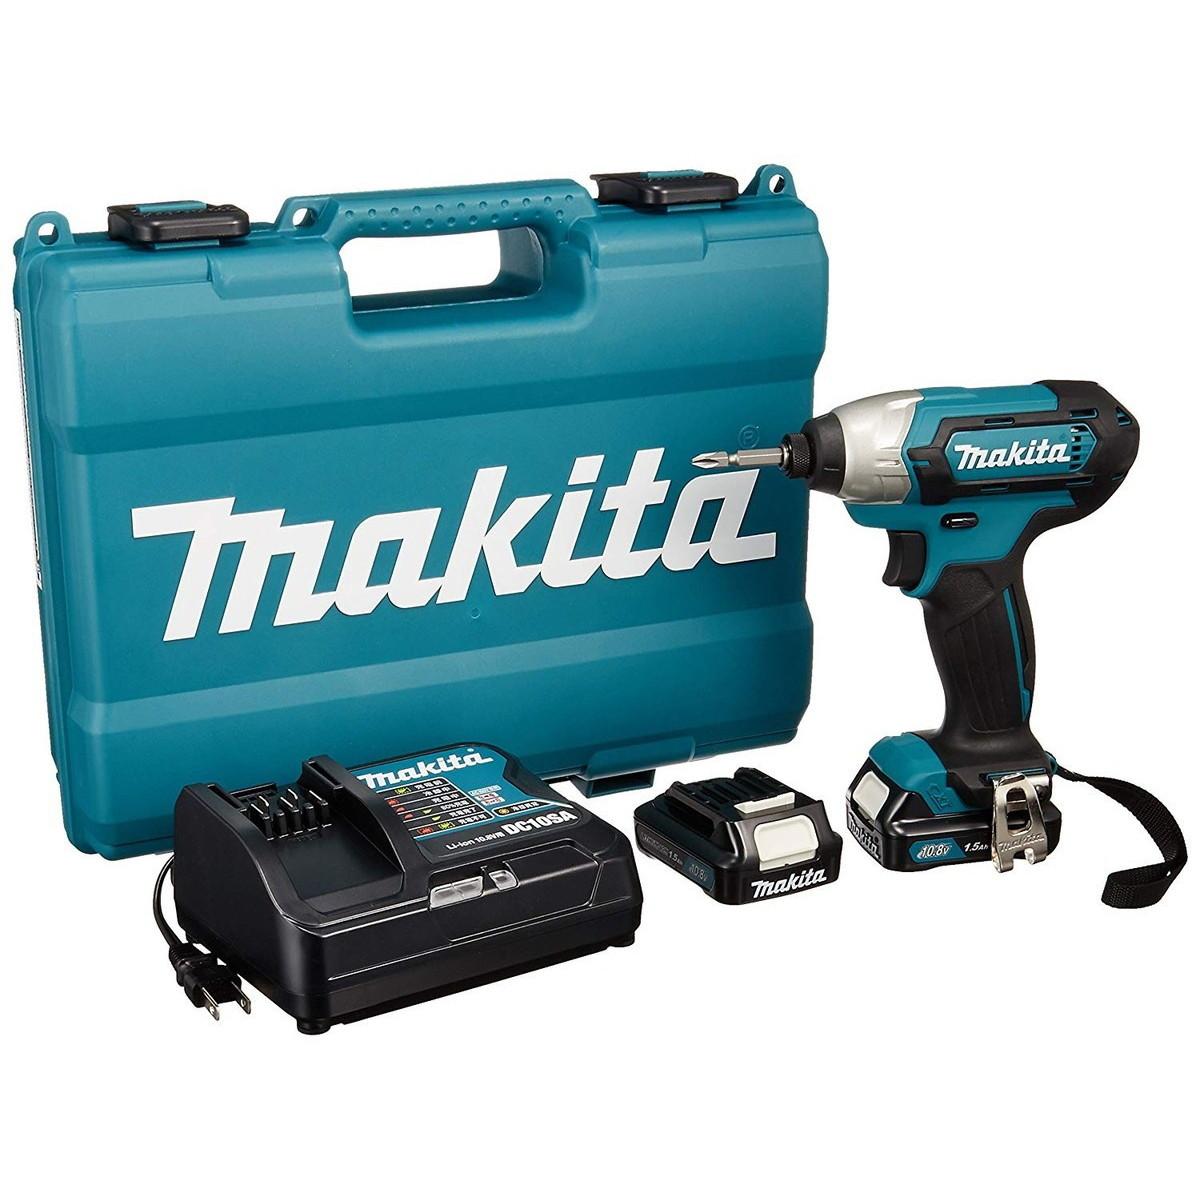 マキタ/makita 充電式インパクトドライバ 1.5Ah (バッテリー・充電器・ケース付) TD110DSHX